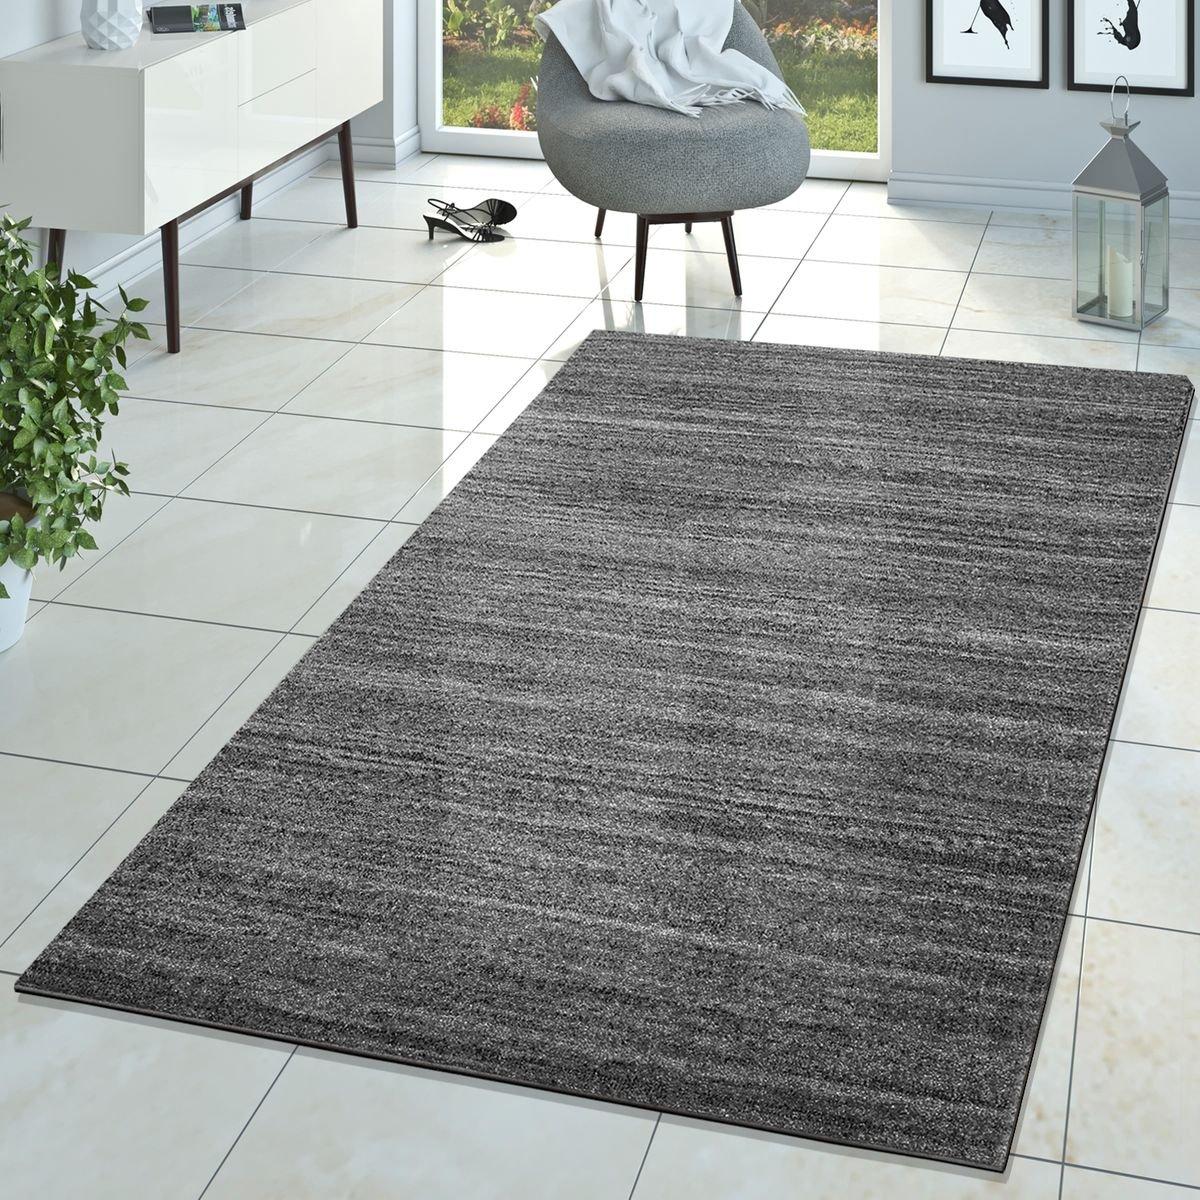 T&T Design Teppich Braga Modern Kurzflor Teppiche Wohnzimmer Einfarbig Meliert Uni Grau, Größe 240x320 cm